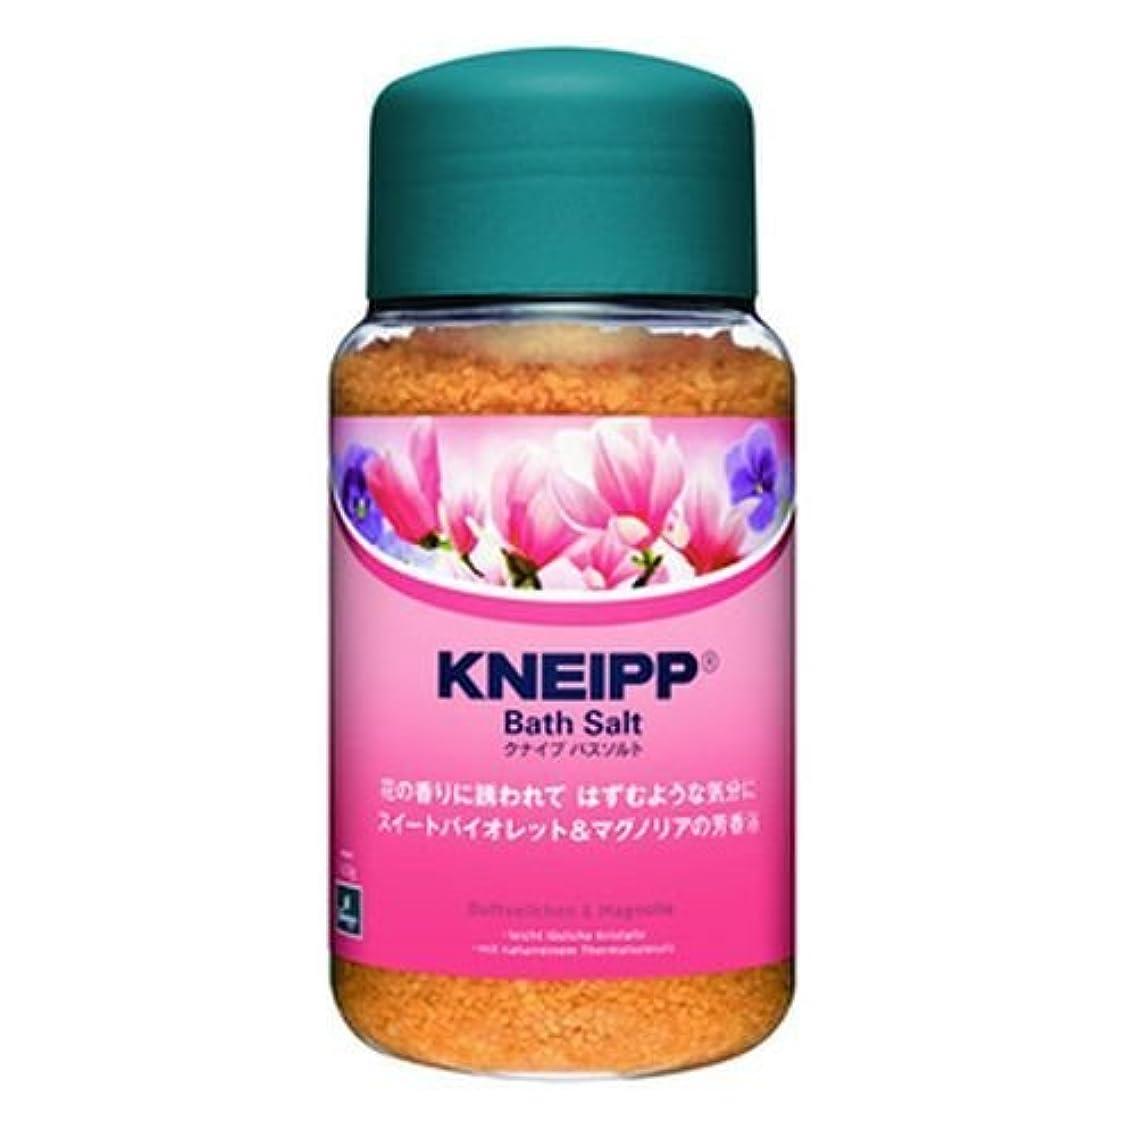 クナイプ HB バスソルト スイートバイオレット&マグノリアの香り 600g [ヘルスケア&ケア用品]